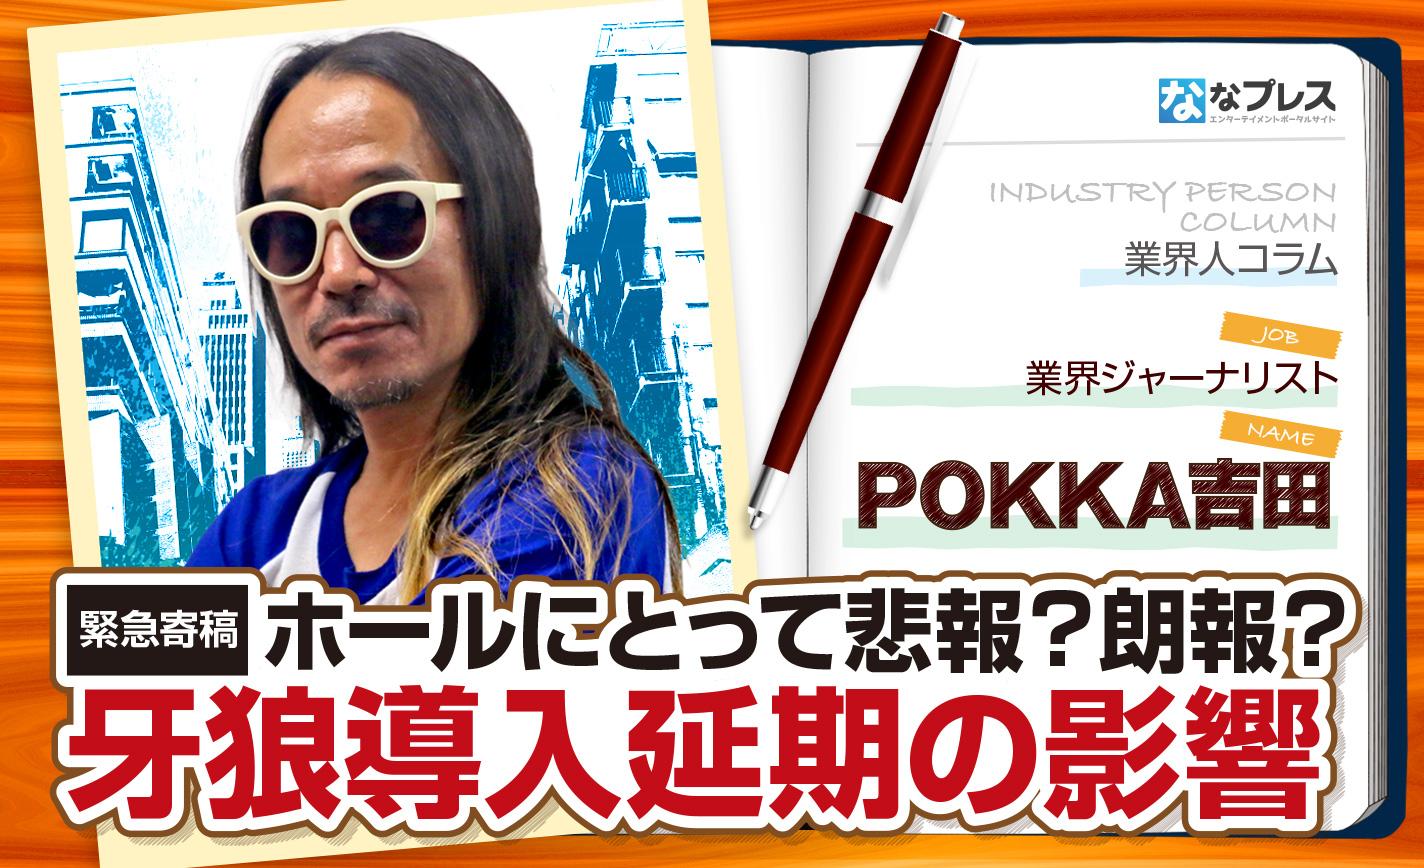 POKKA吉田が緊急寄稿!牙狼の導入延期が業界に及ぼす多大な影響とは!? eyecatch-image